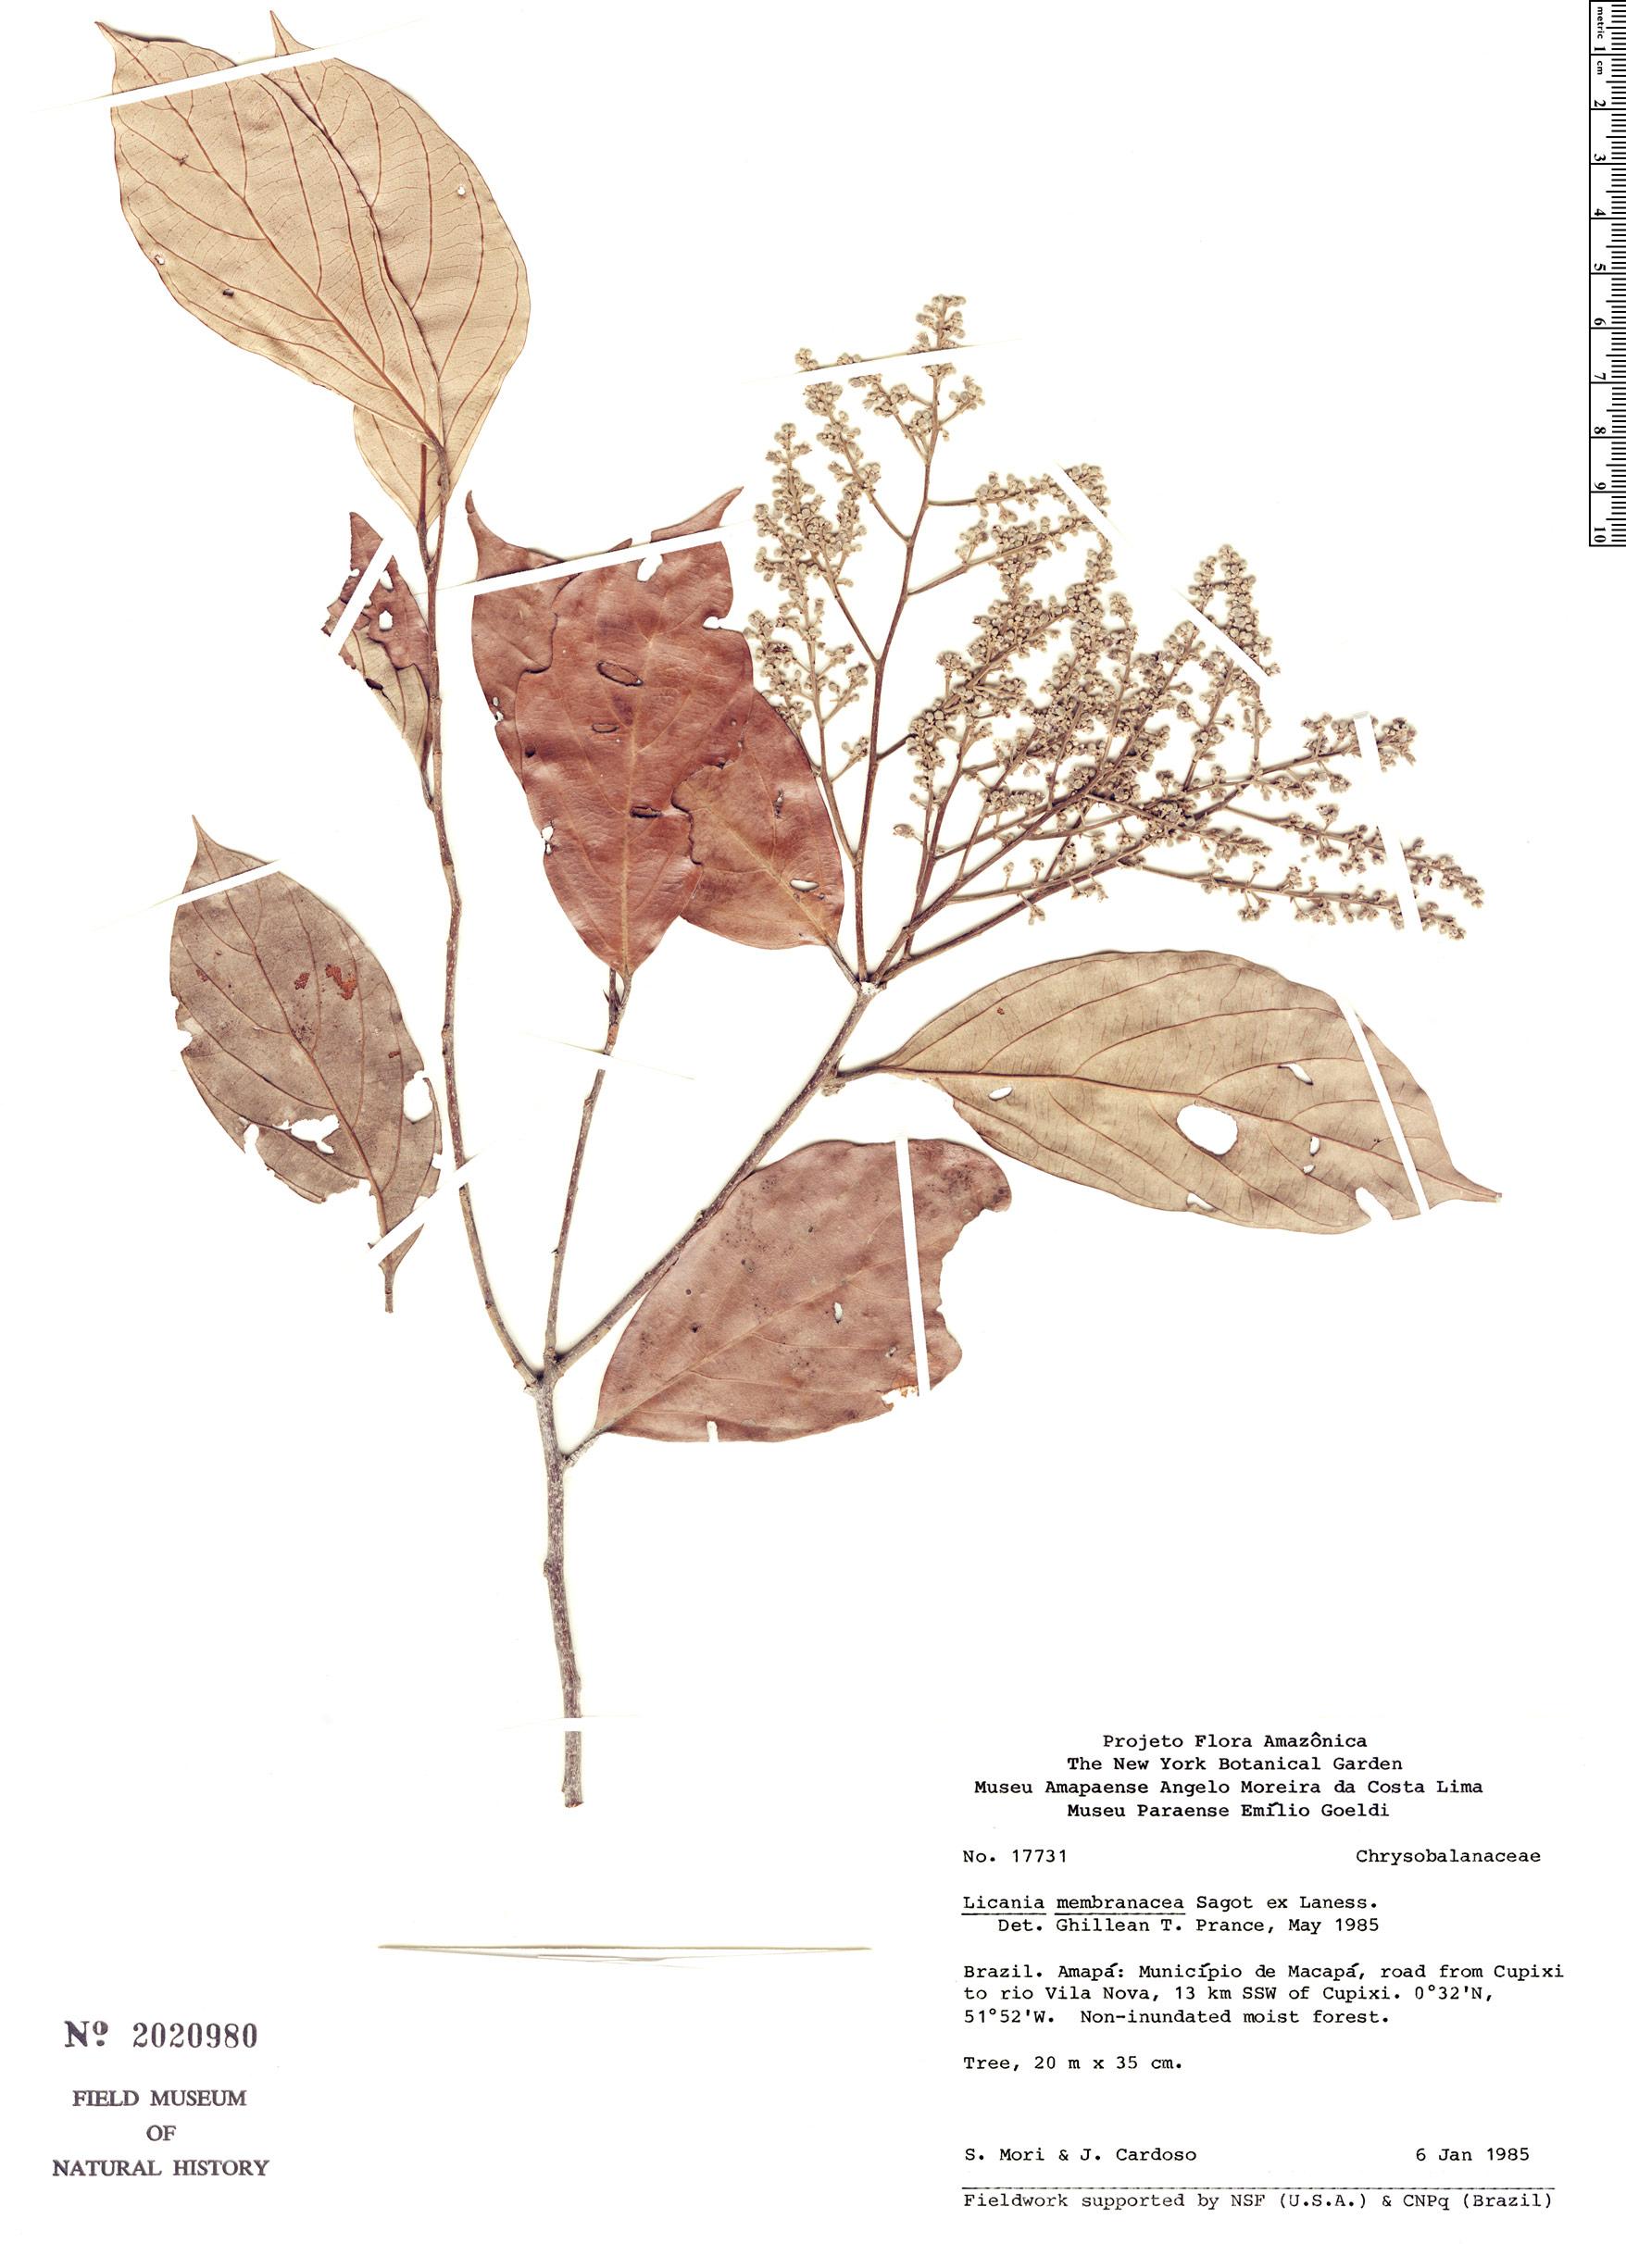 Specimen: Licania membranacea